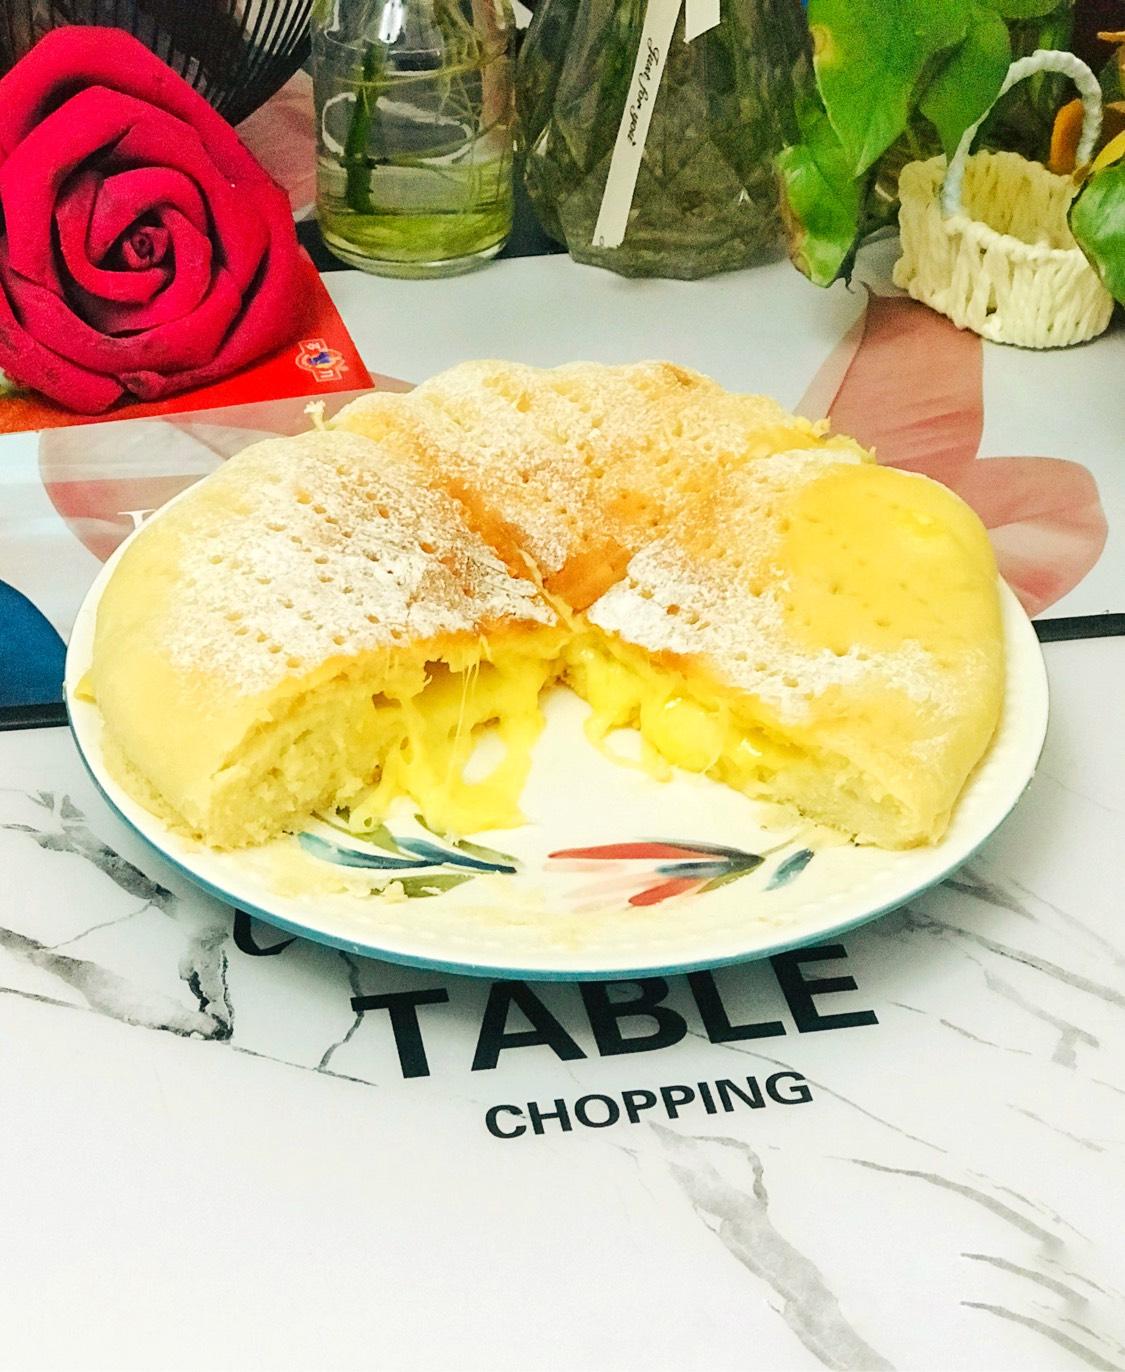 美味的奶酪饼_美味的奶酪饼的做法_美味的奶酪饼的家常做法_美味的奶酪饼怎么做_爱吃菜